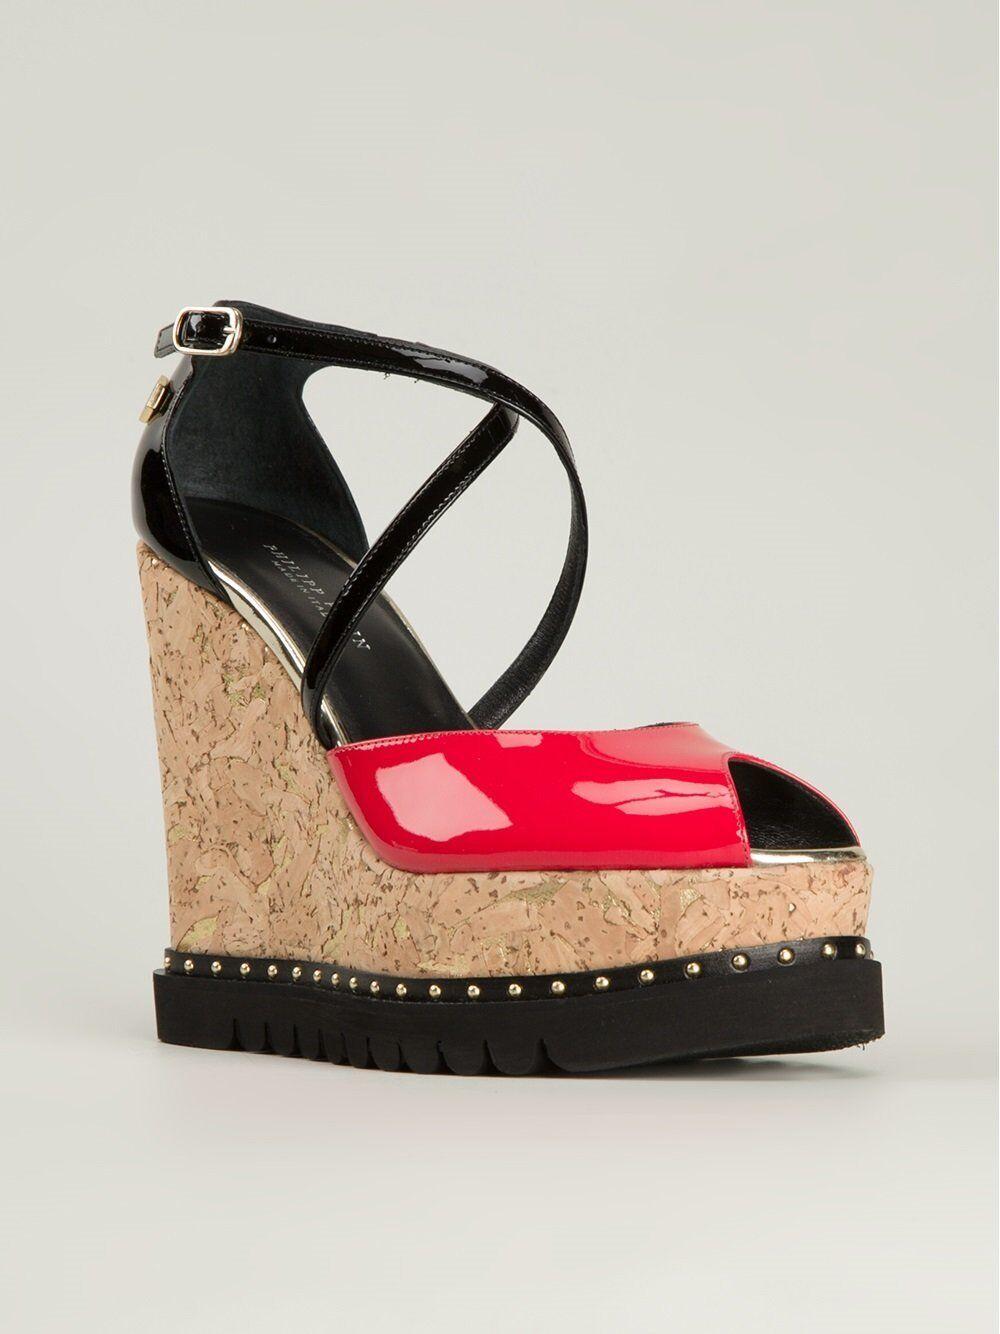 Philipp PLEIN donna tronchetti Strap Wedge Philipp Plein platform zeppe sandals RED